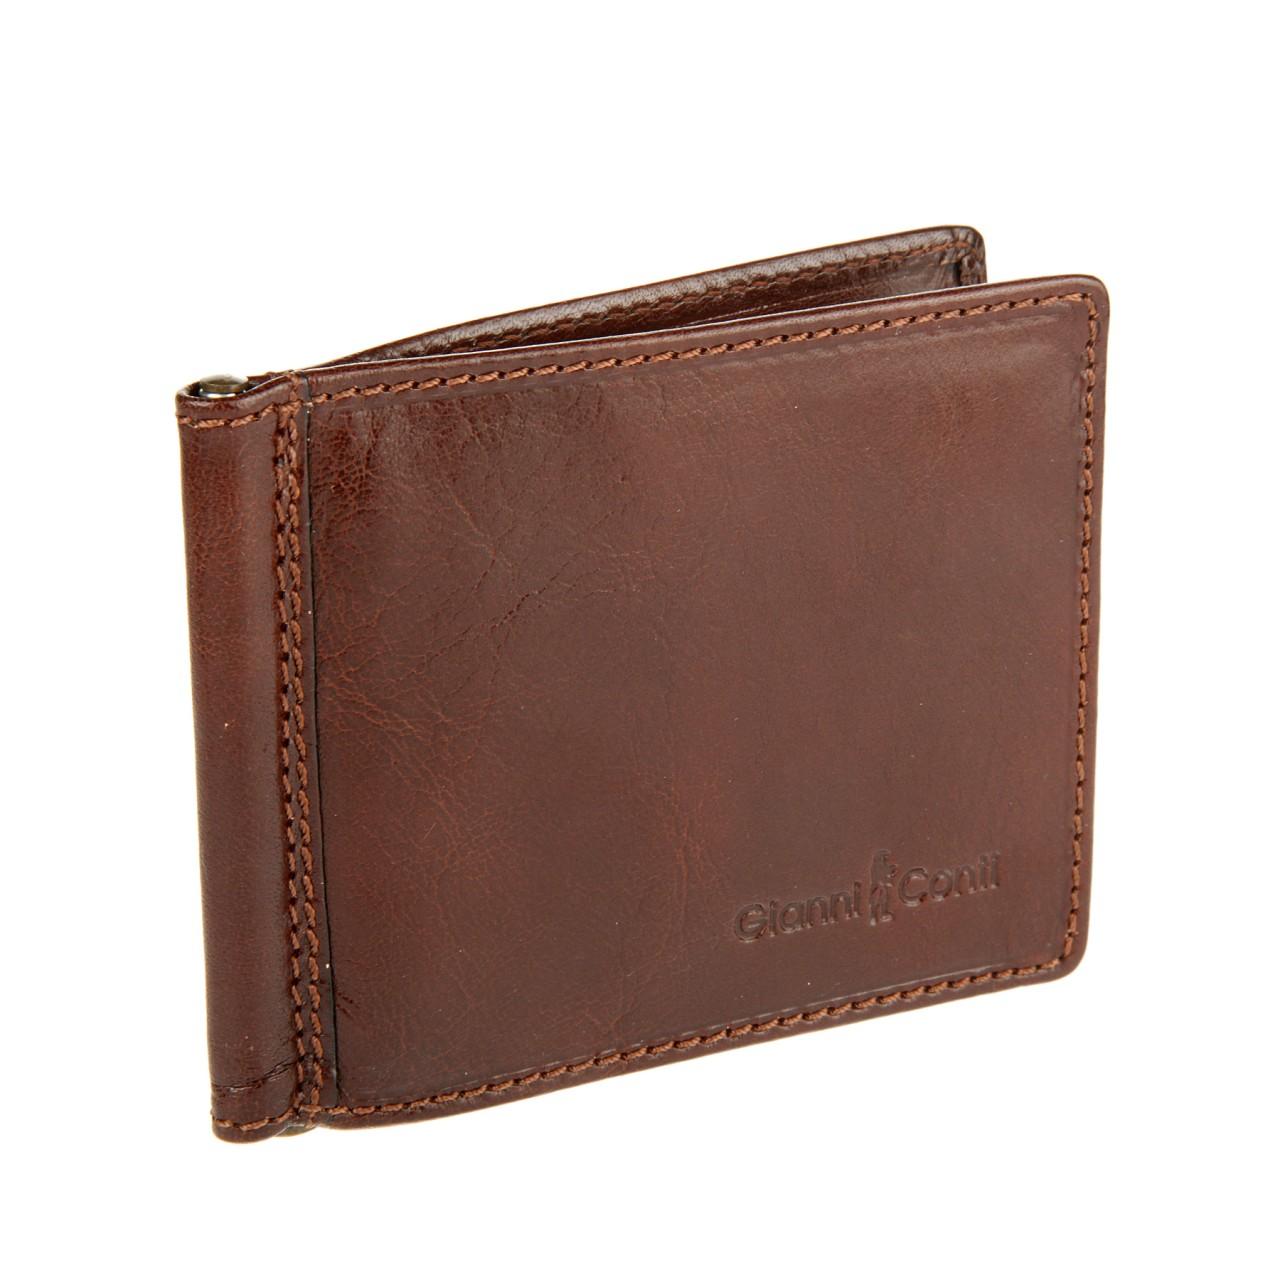 0d43fb48a1b9 Gianni Conti Зажим для денег 907101 brown - q-trend.ru | сумки ...